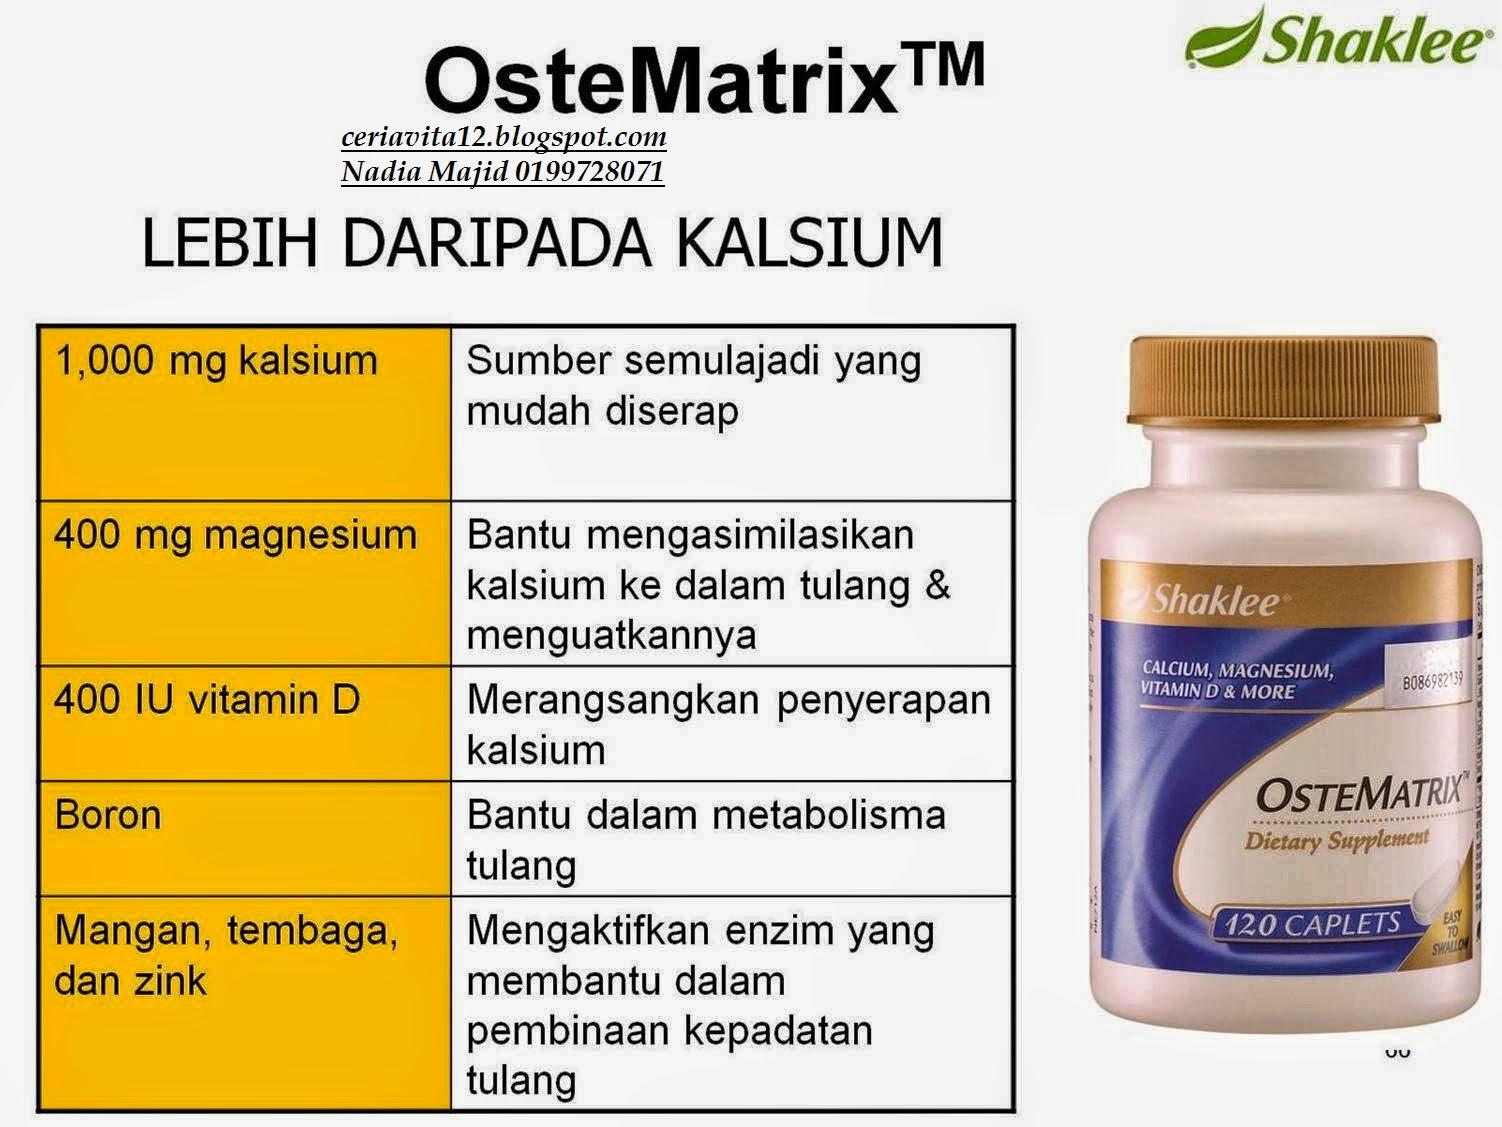 kelebihan ostematrix dengan kalsium jenama lain